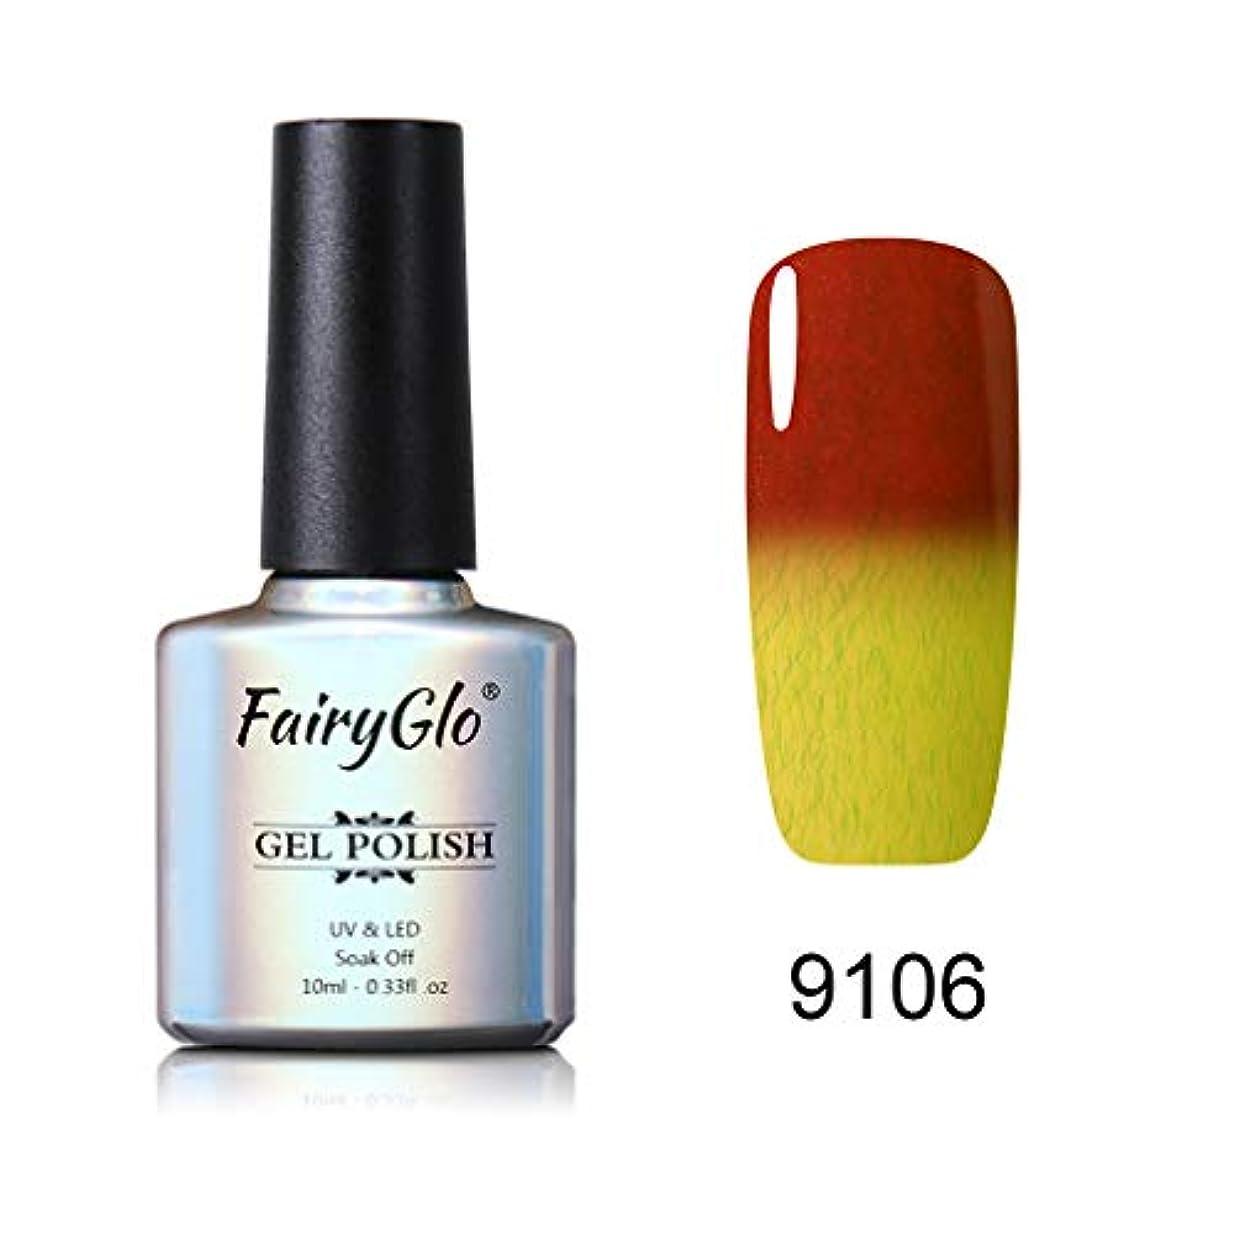 登録コンサルタント定義Fairyglo ジェルネイル カラージェル 毛皮系 カメレオンカラージェル 温度により色が変化 1色入り 10ml 【全12色選択可】